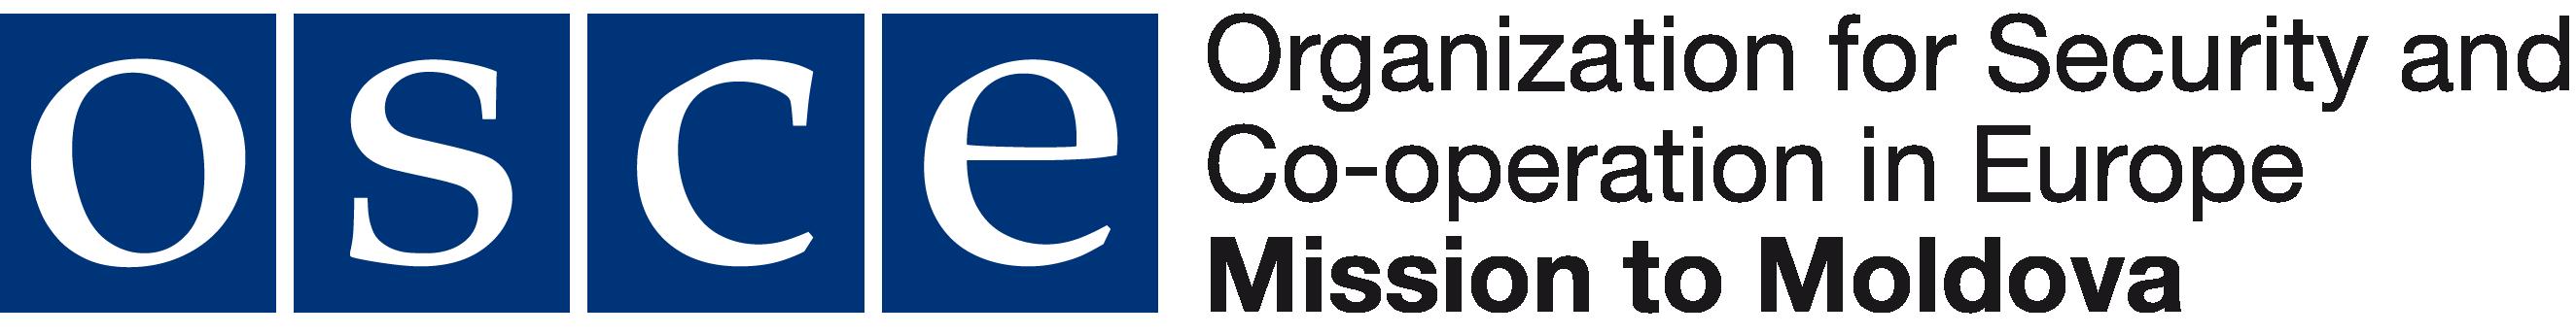 LOGO_OSCE_Moldova_EN_LOGOTYPE_RGB